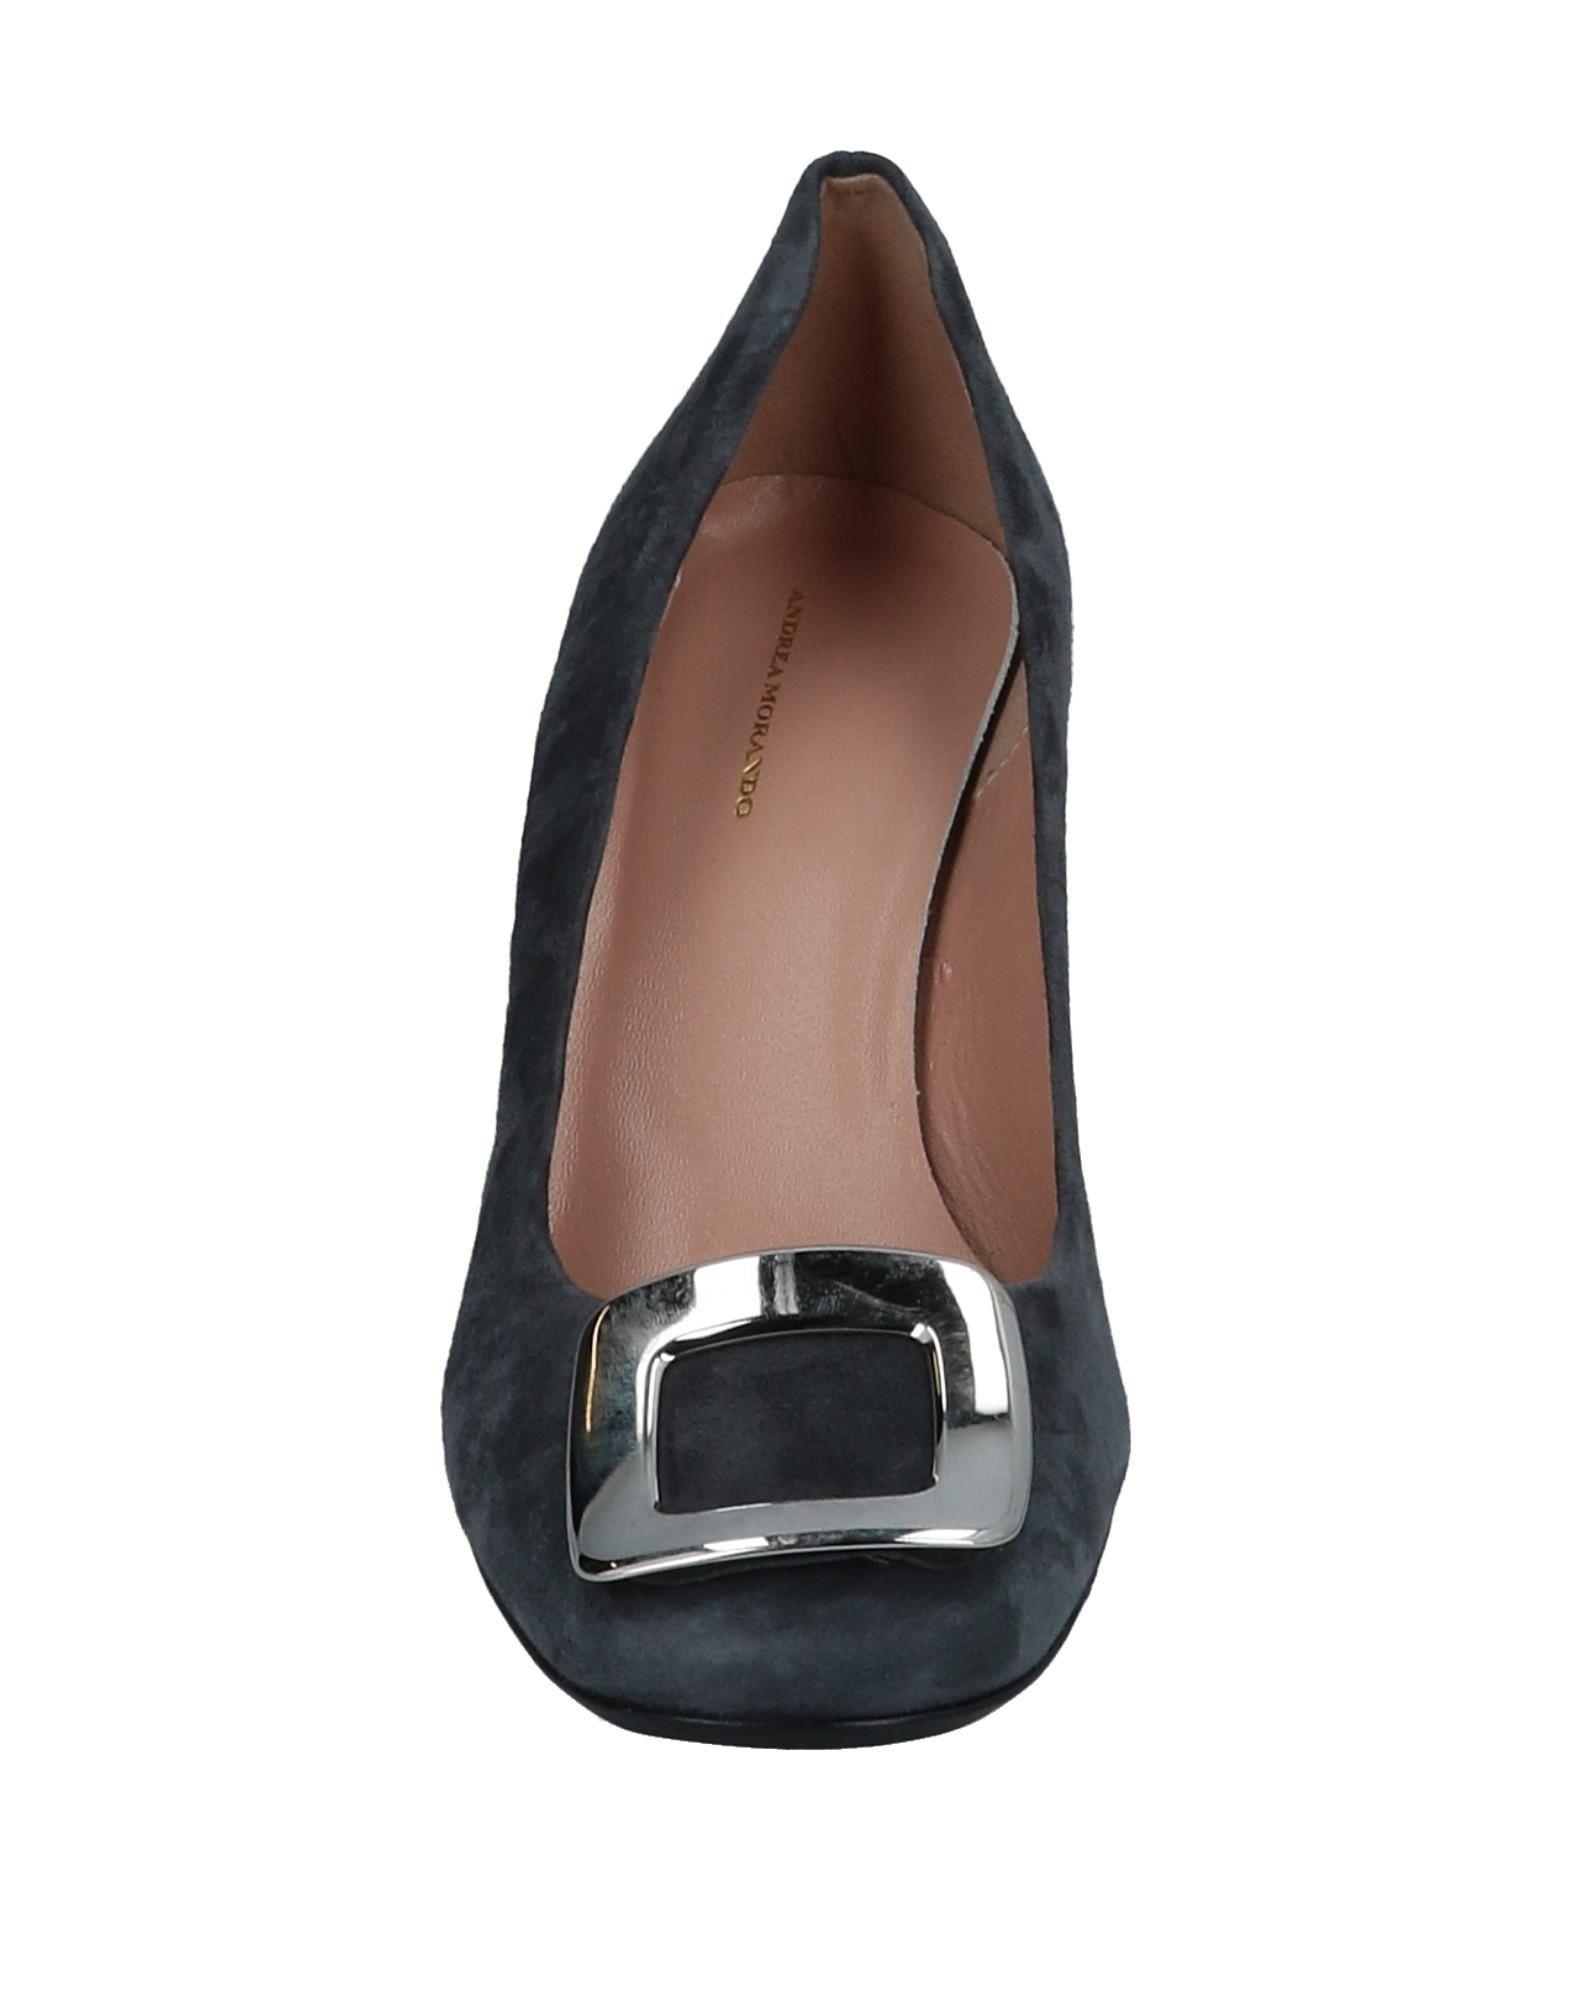 Andrea Morando Pumps Damen    11525259ST Gute Qualität beliebte Schuhe 684aaa